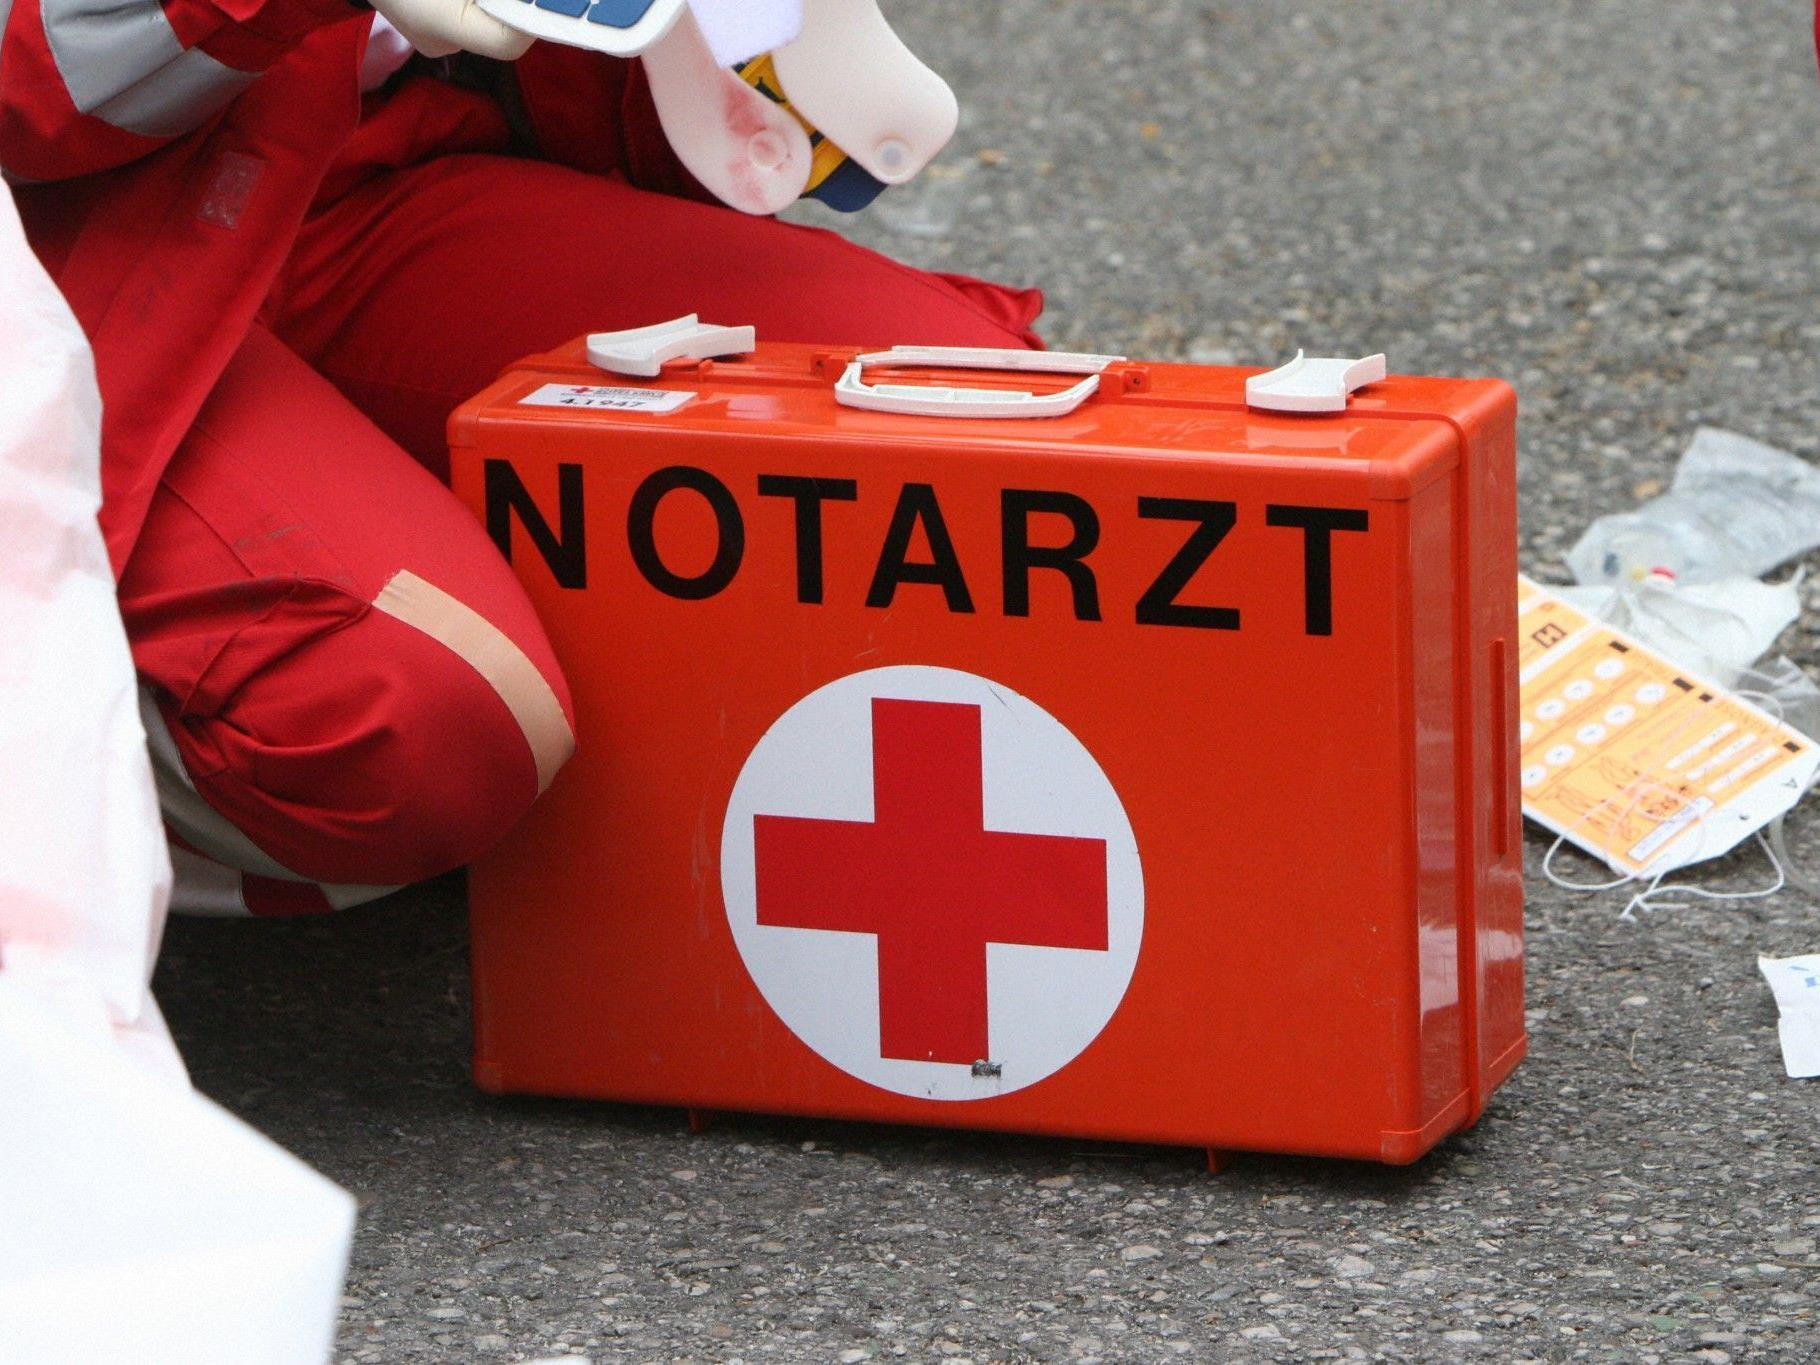 Der Arbeiter wurde schwerverletzt in die Intensivstation eingeliefert.